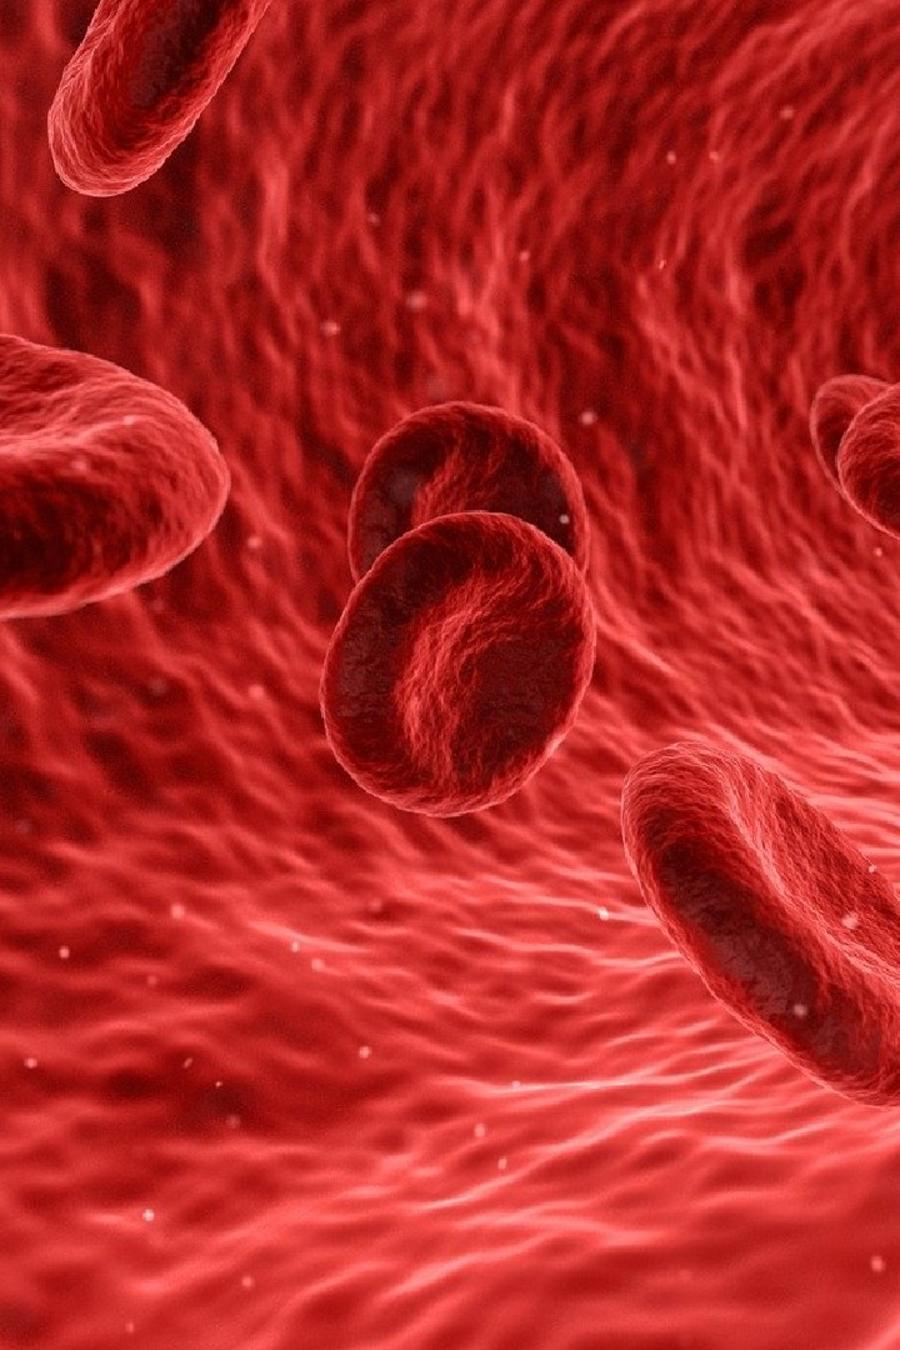 Tipo de sangre coronavirus